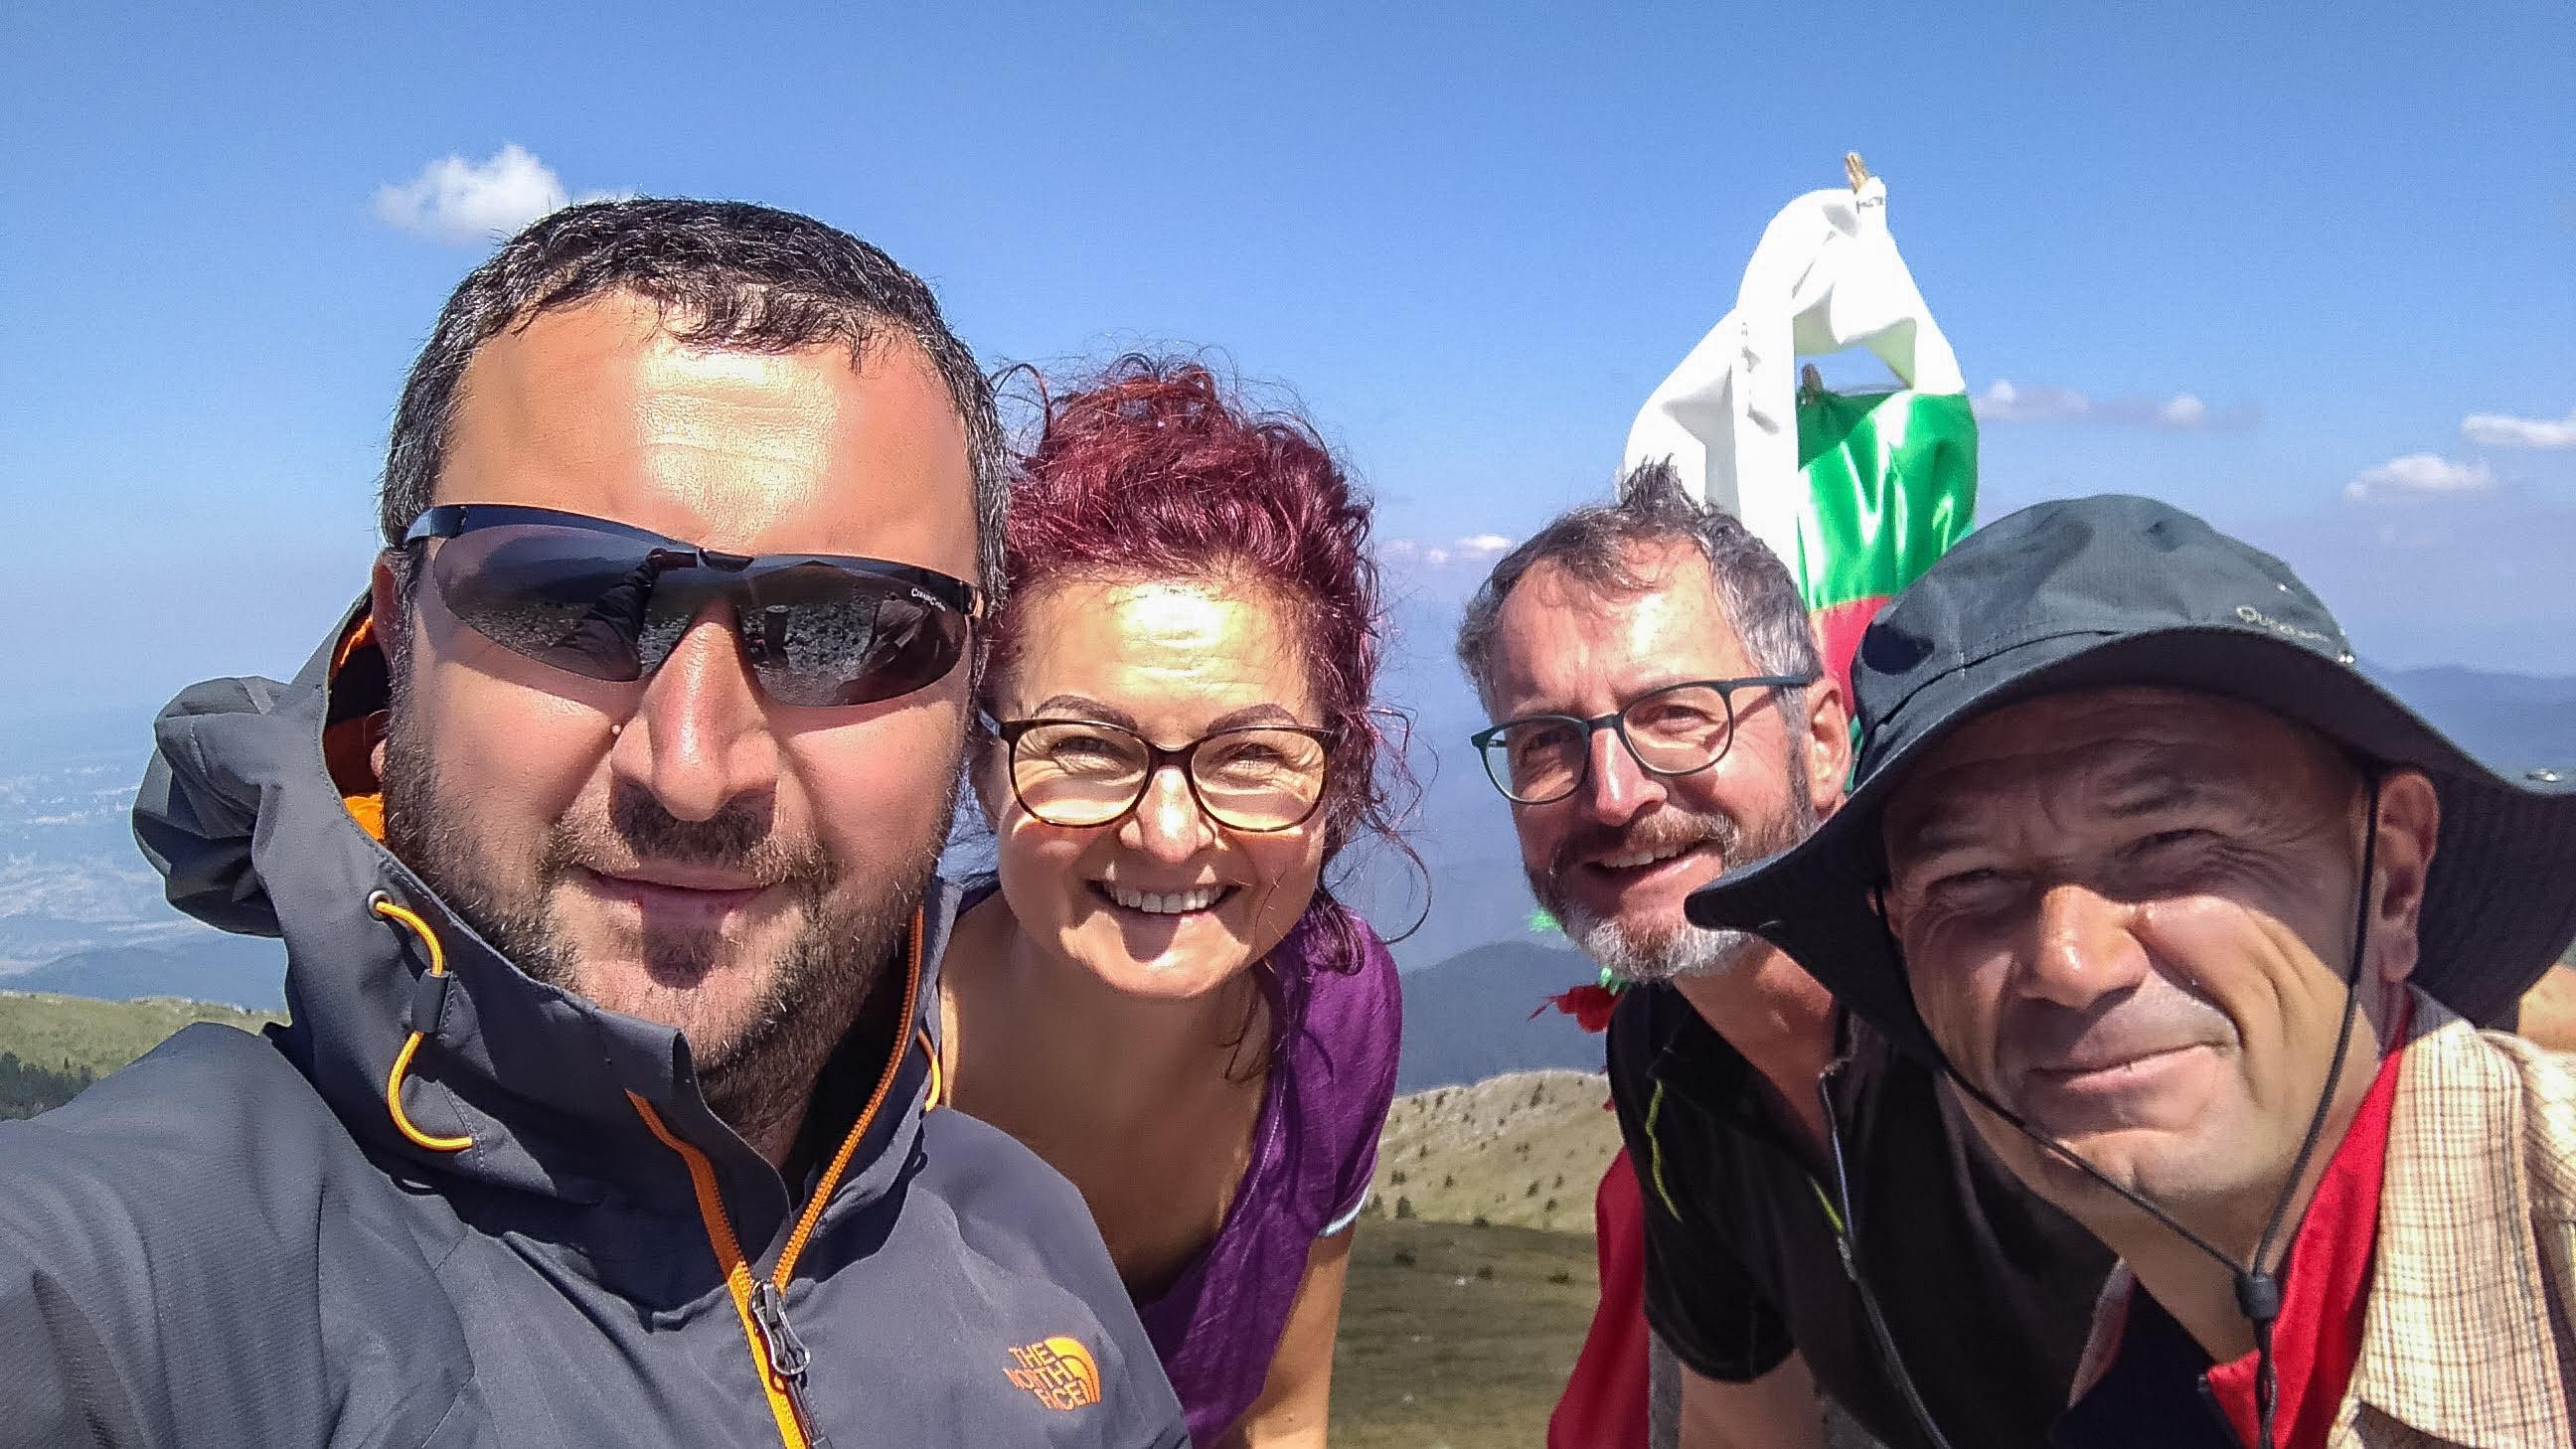 Компанията от последните дни - от ляво Аз, Милена, Марти и Жоро